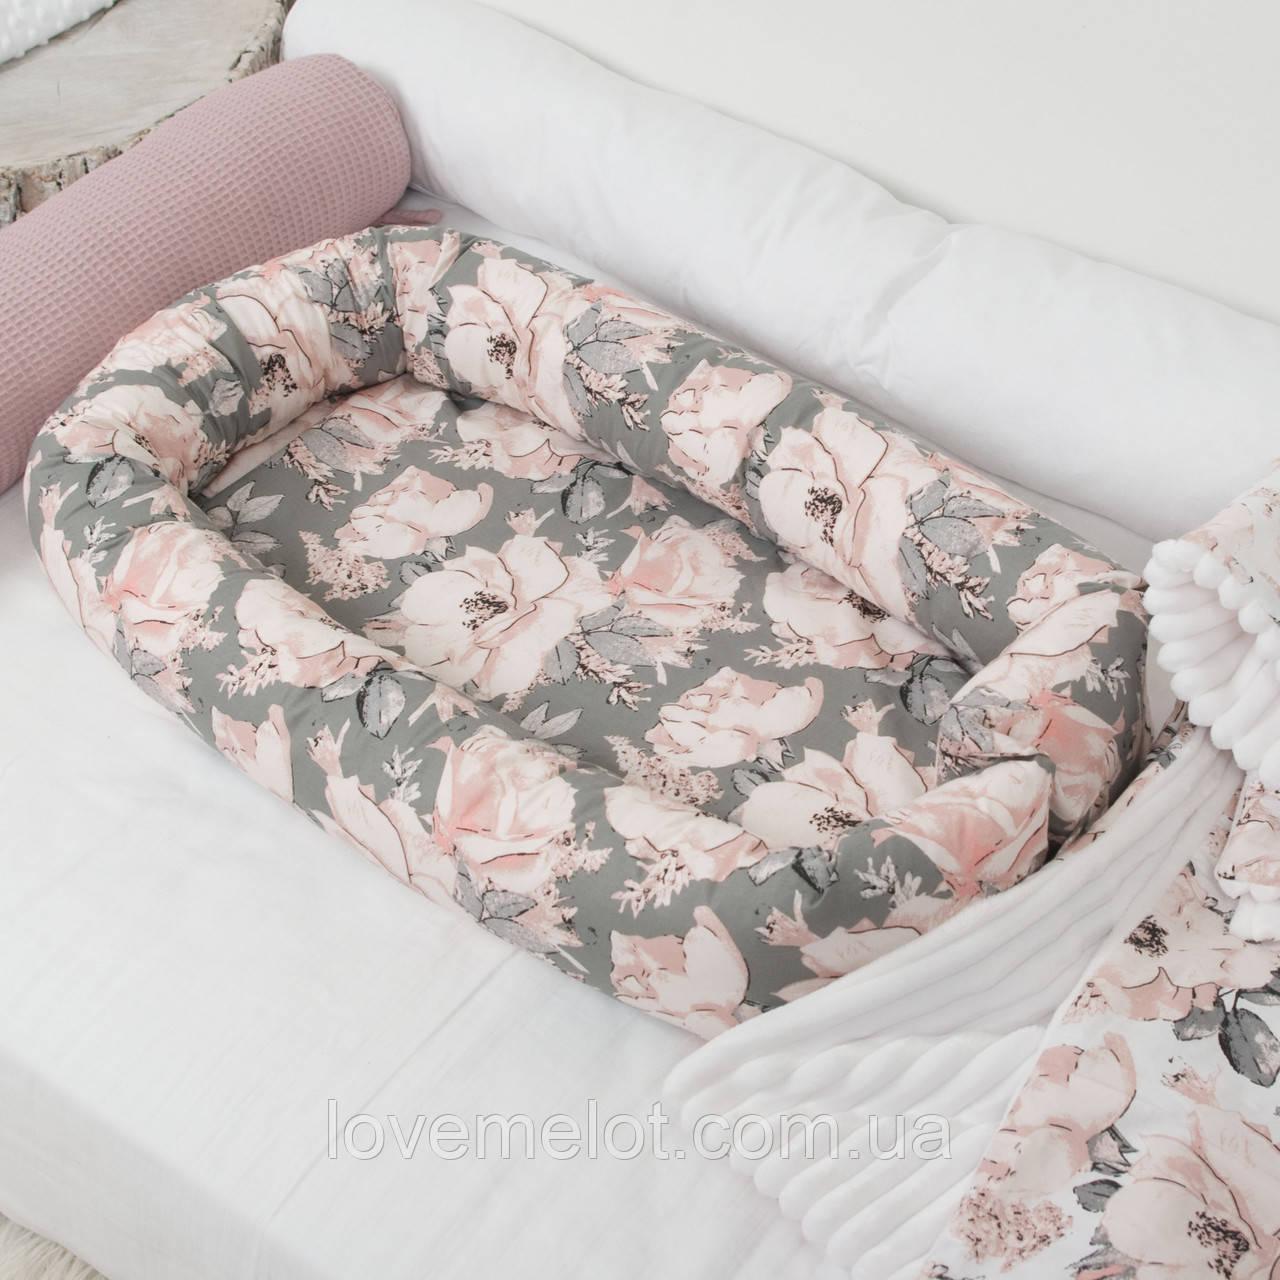 Кокон гнездышко со сьемным чехлом, бейбинест, кроватка для новорожденных, люлька, бортики в детскую кровать